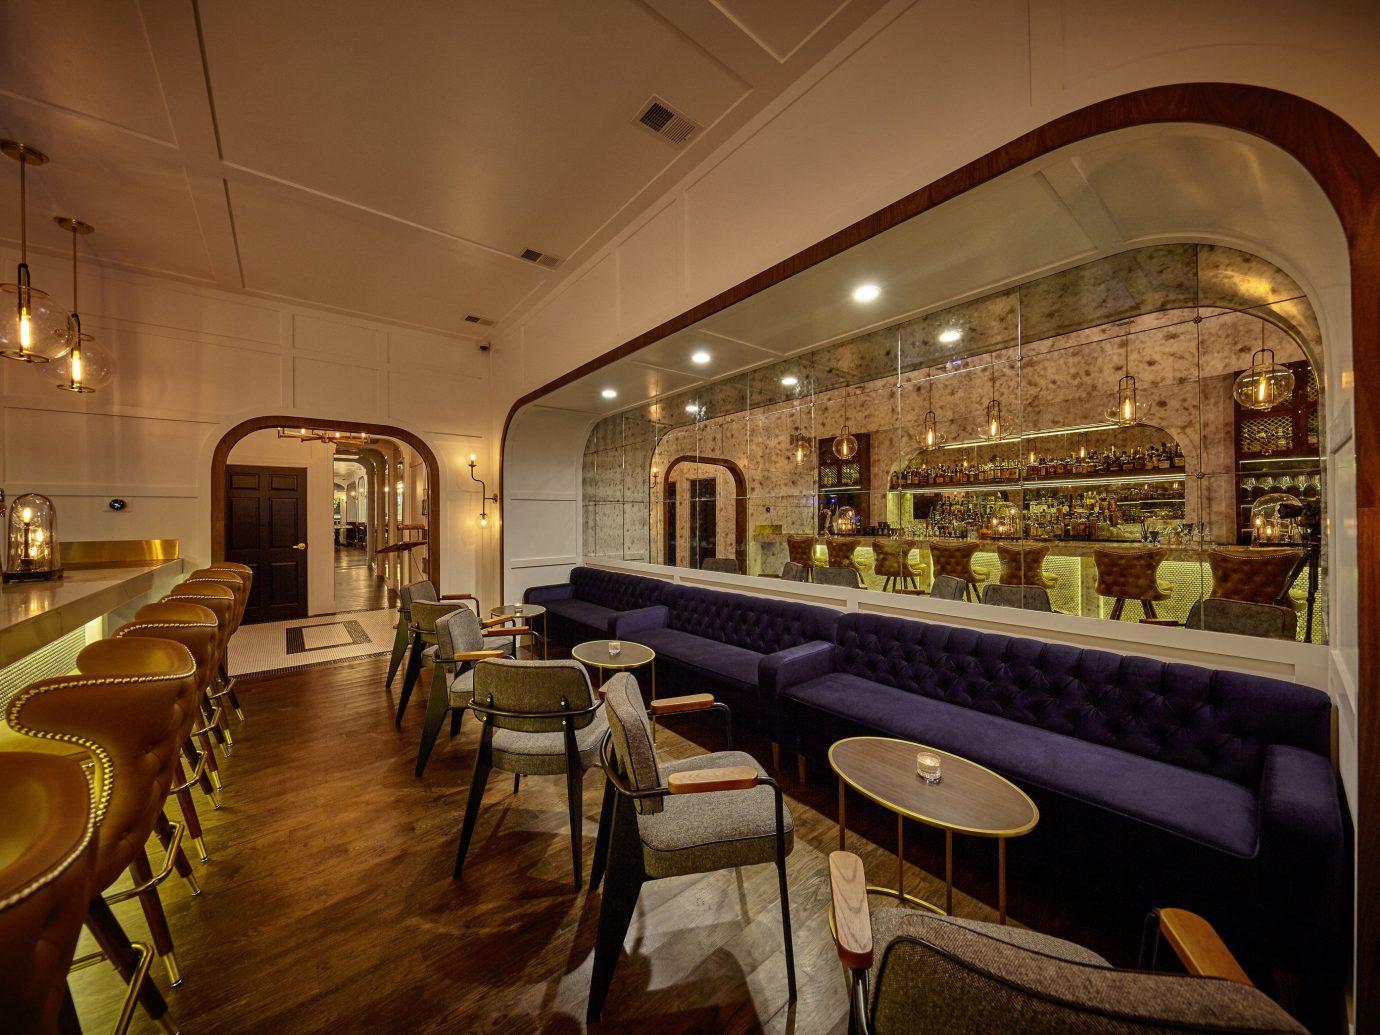 Trip Ideas indoor floor room restaurant Lobby ceiling estate interior design Bar furniture several